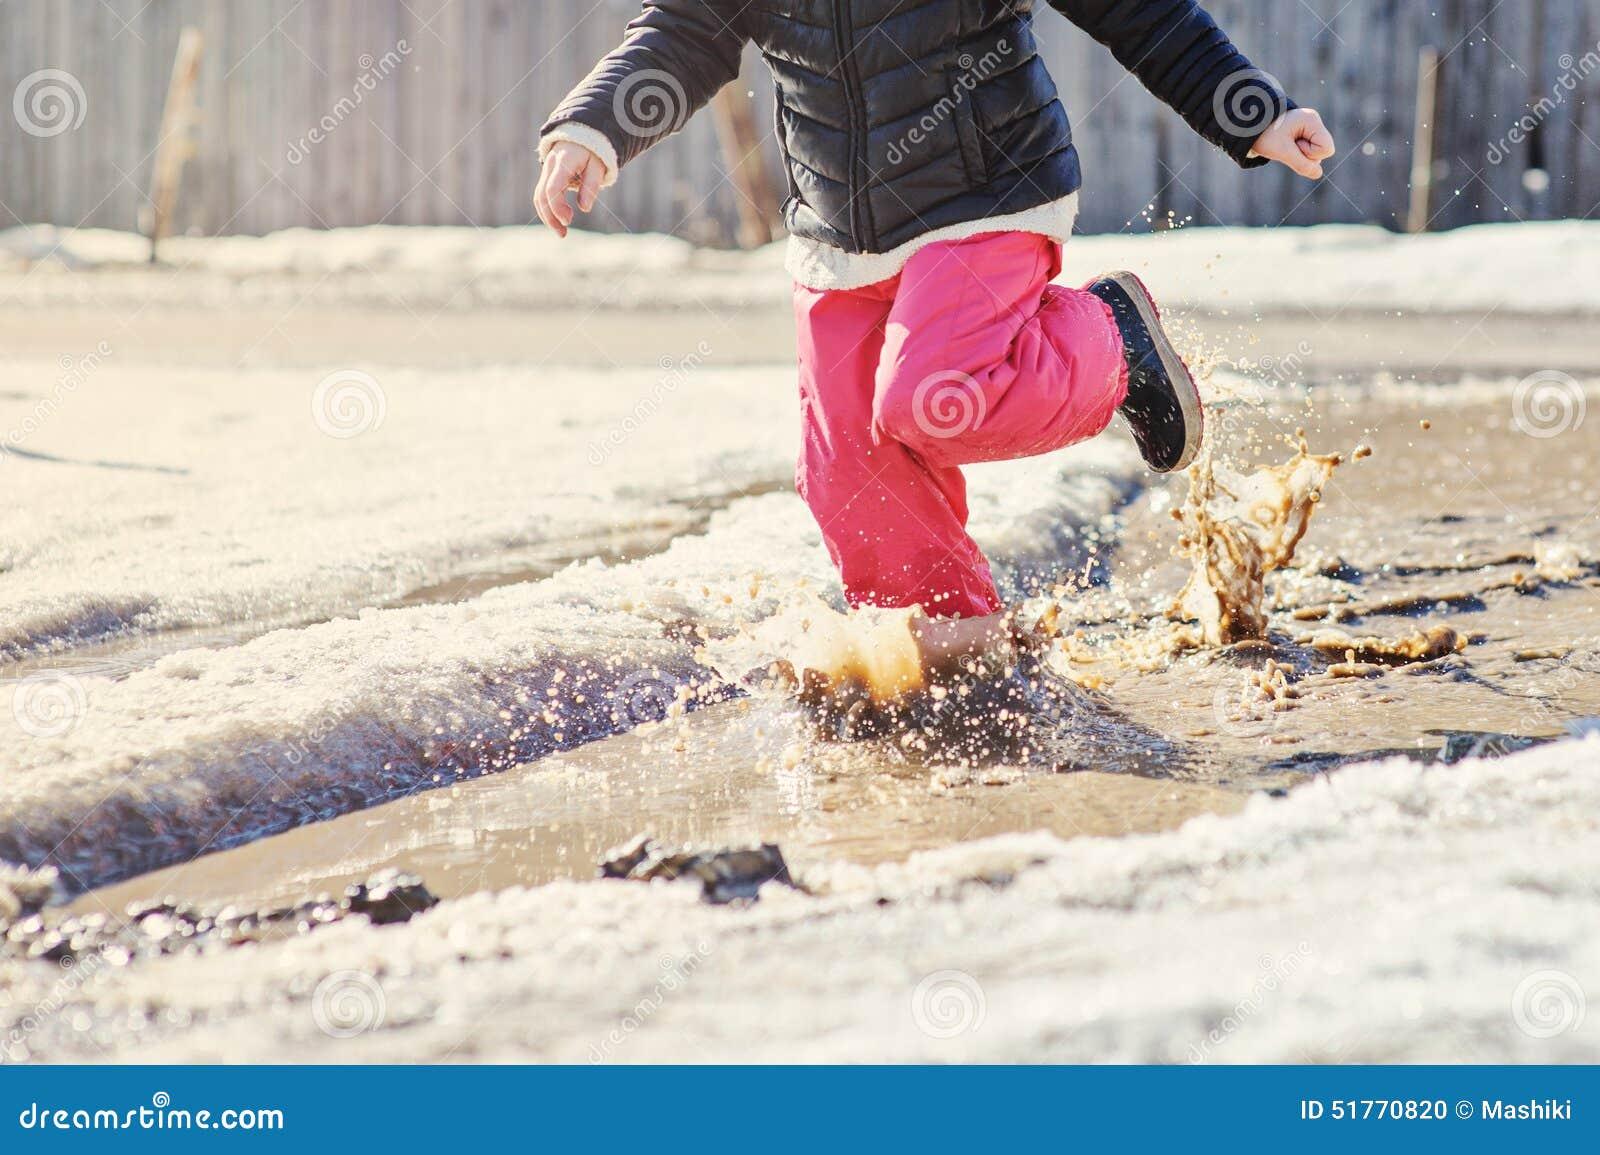 Disegno Di Bambino Che Corre : Funzionamento della ragazza del bambino nella pozza di primavera con